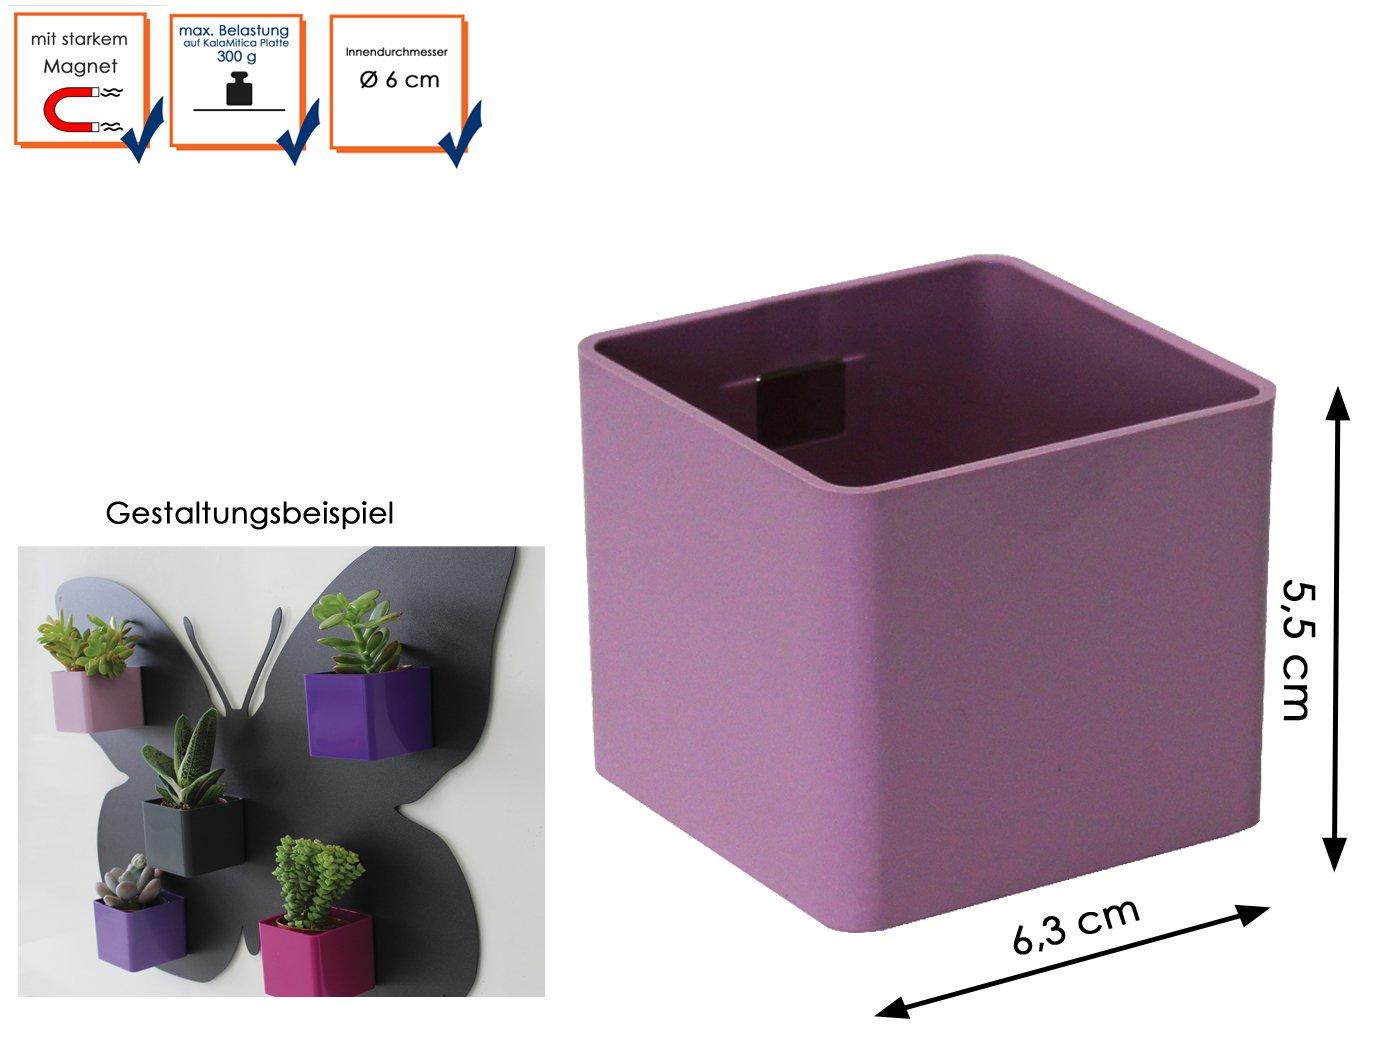 Wandaufbewahrung Wanddeko Metallscheibe Ø 5 cm für Magnettöpfe KalaMitica